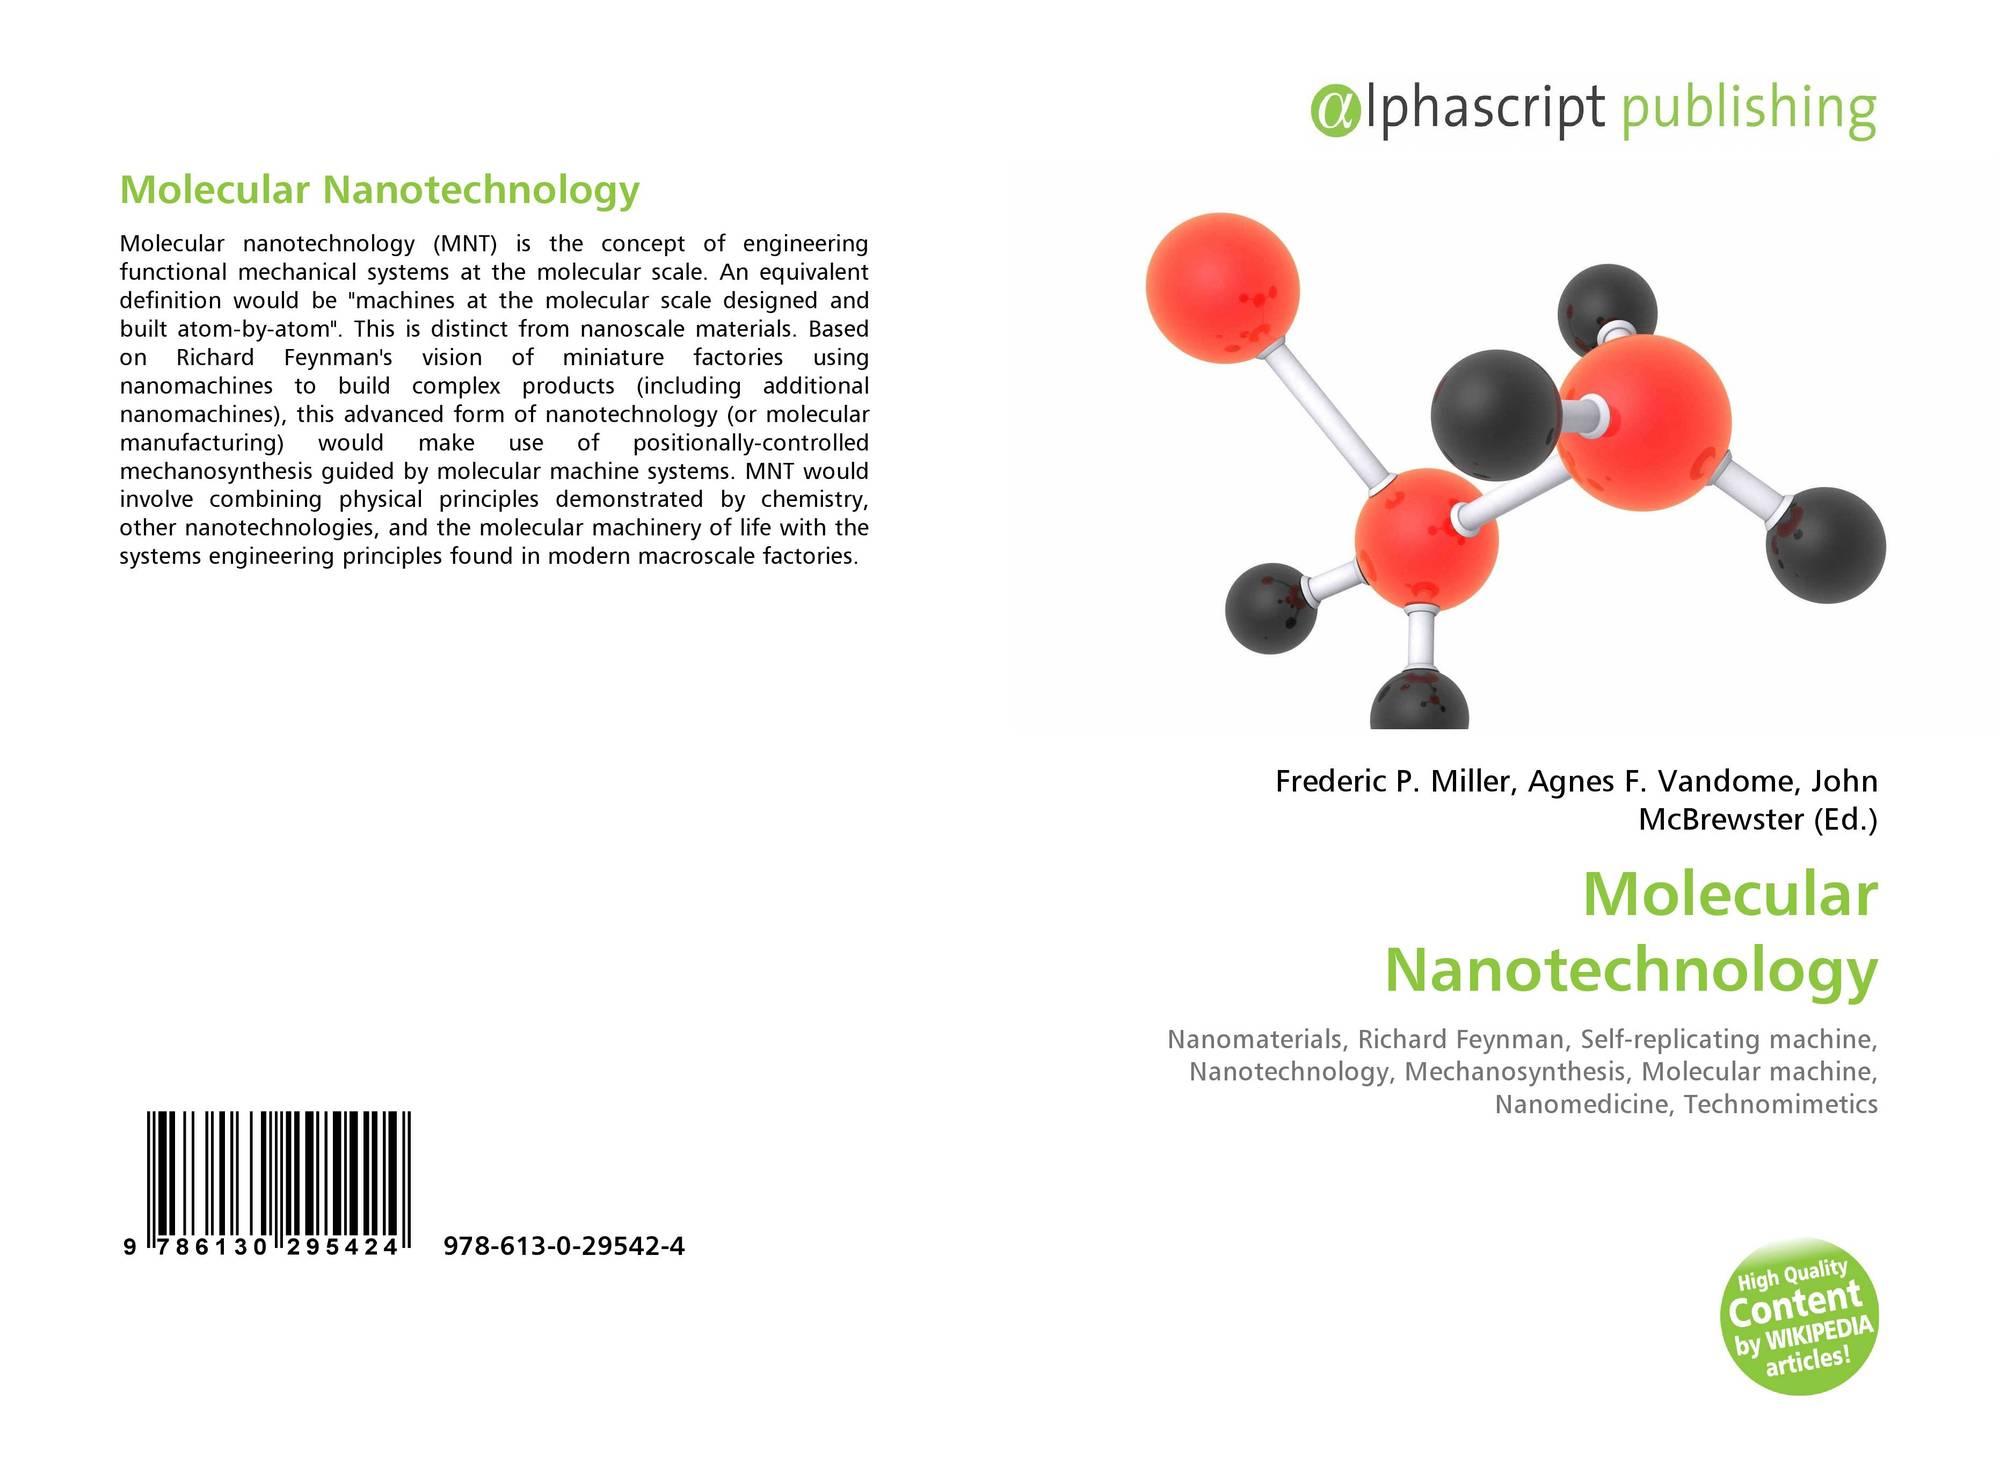 Molecular Nanotechnology, 978-613-0-29542-4, 6130295421